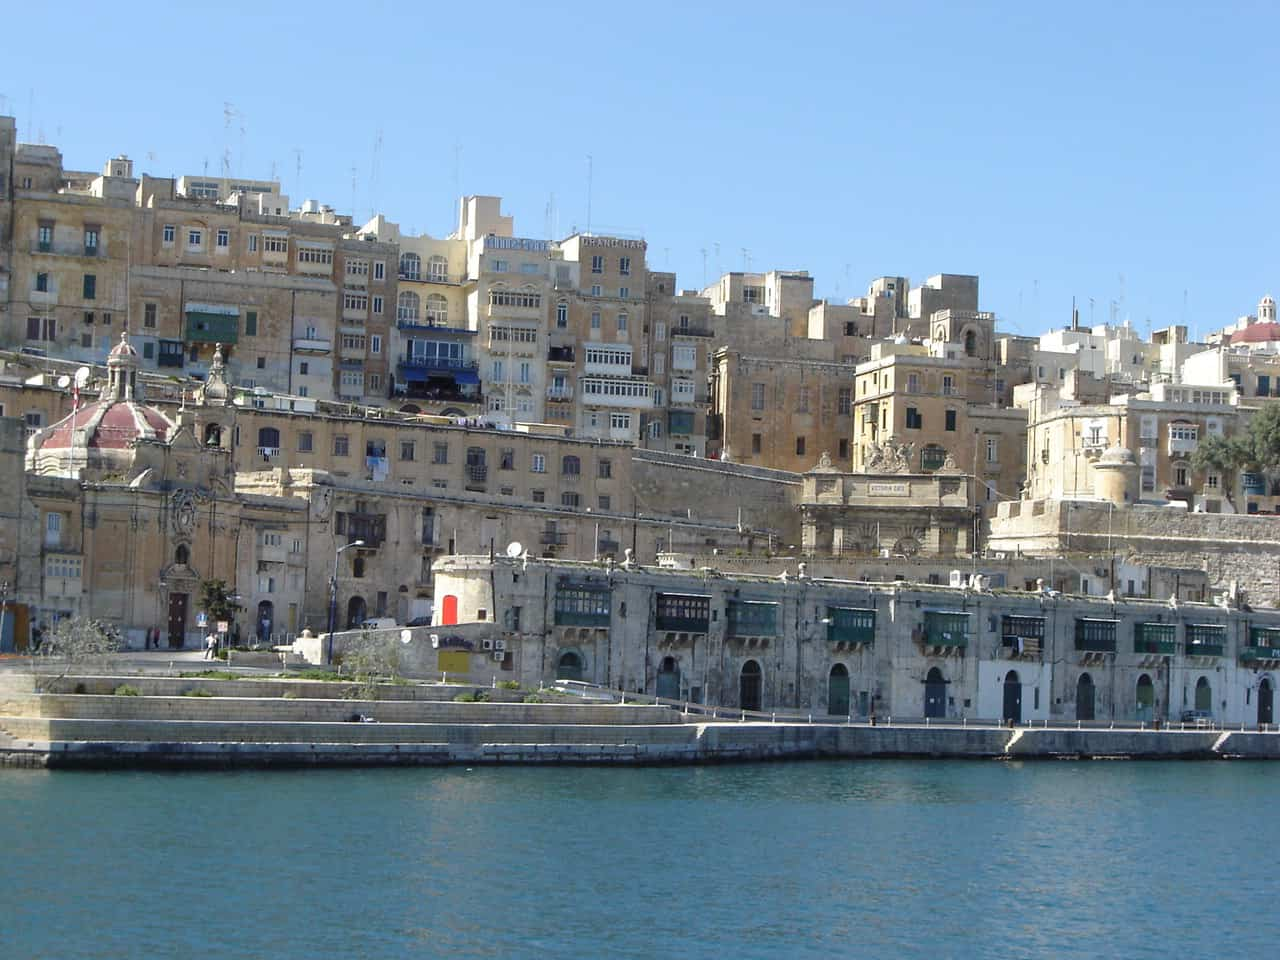 Valletta, Malta - Best European Countries To Travel With Kids